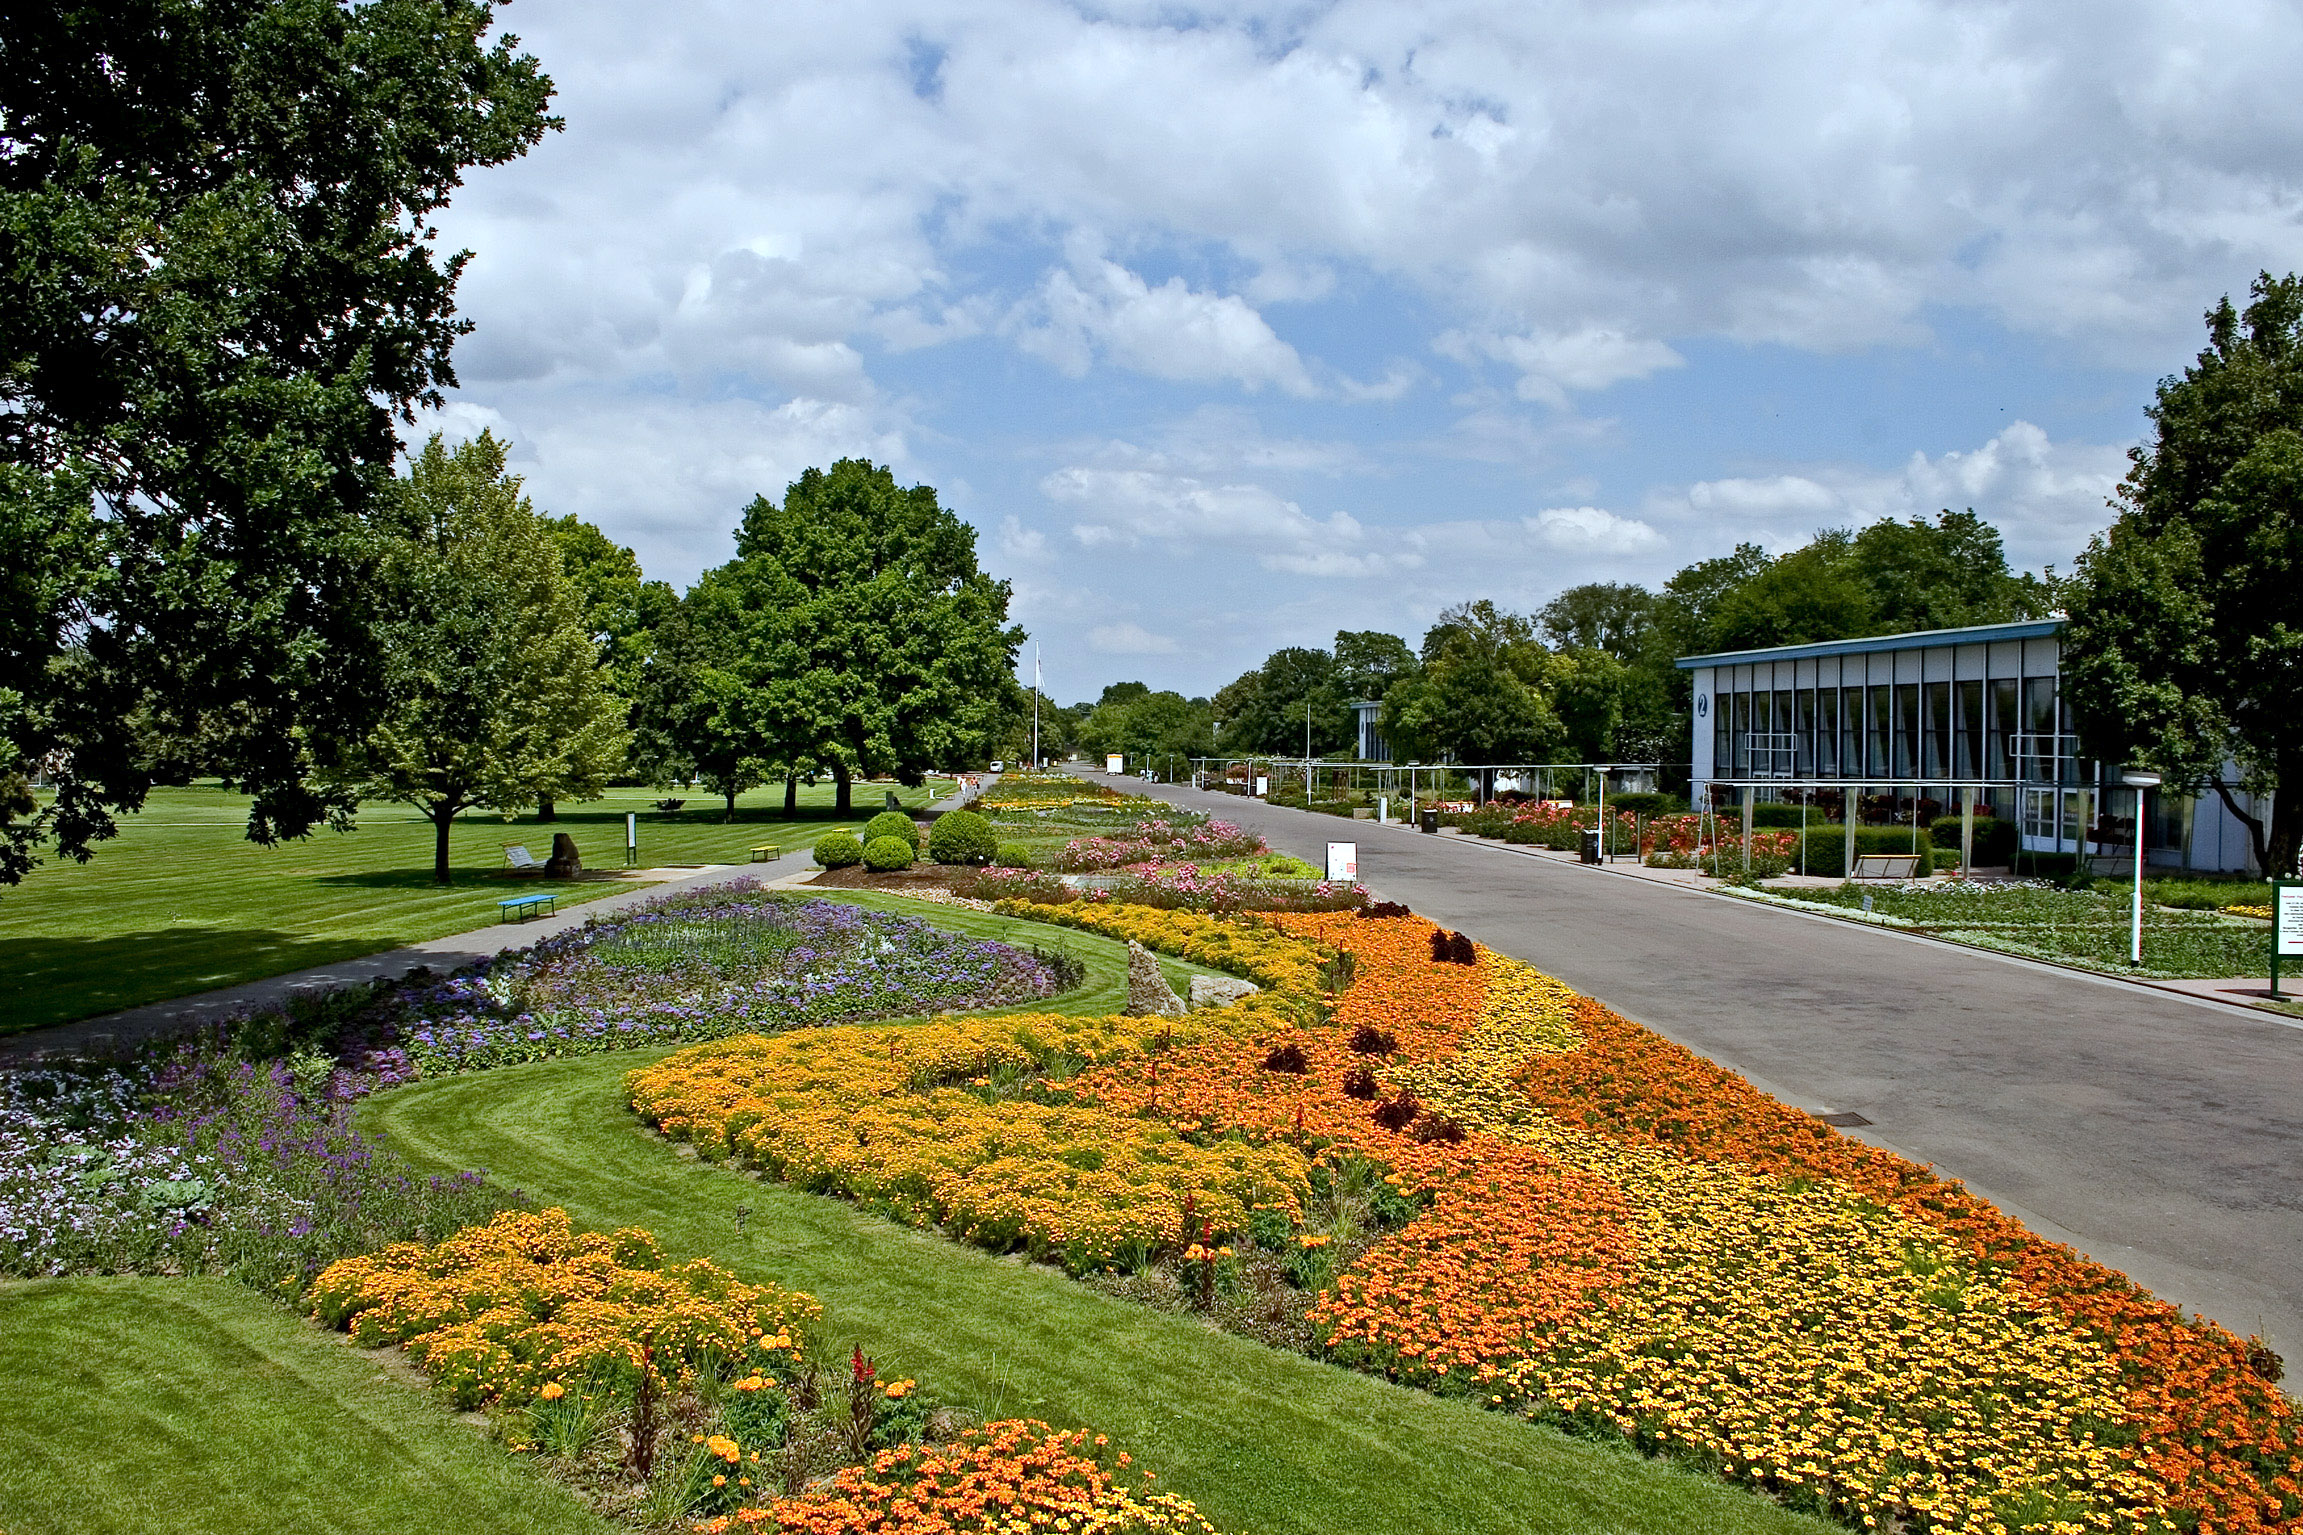 Mittig bunte Blumenrabatte. Rechts Weg mit Blumenhalle. Links Bäume mit Wiese